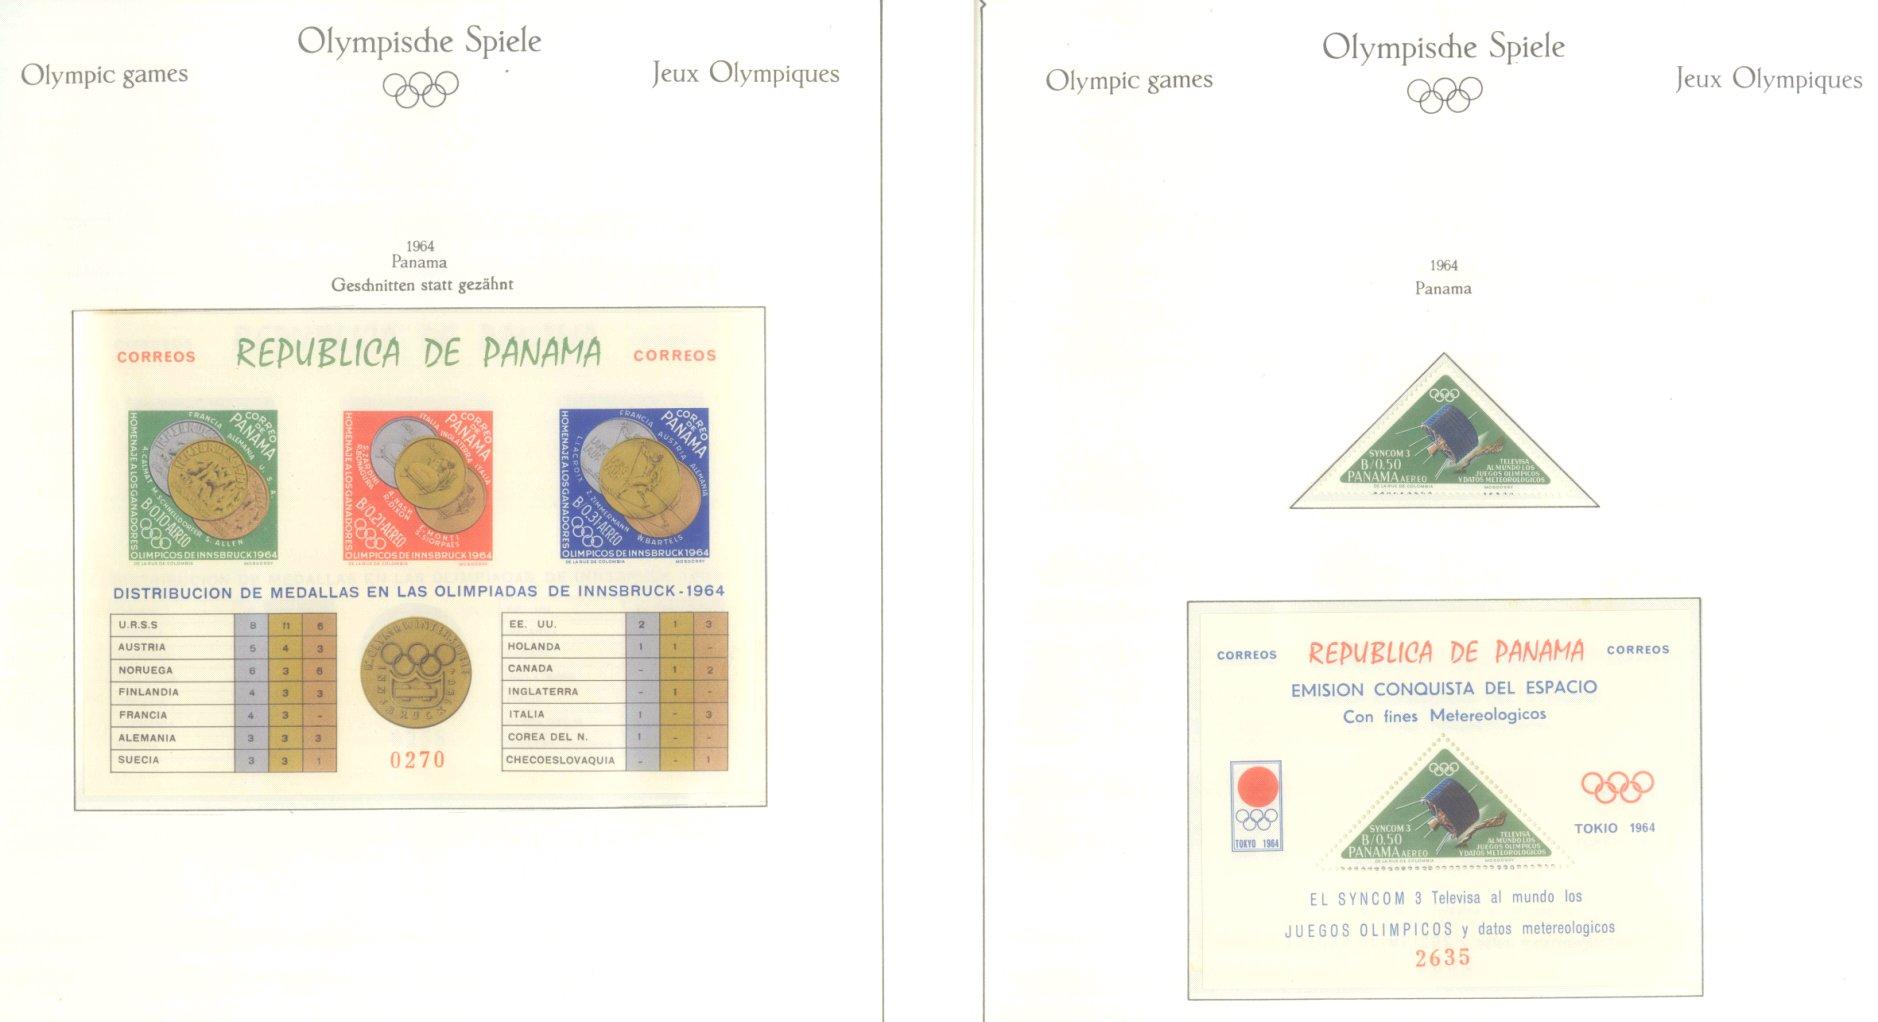 OLYMPISCHE SPIELE 1964 TOKIO, postfrische Sammlung Teil 2-6